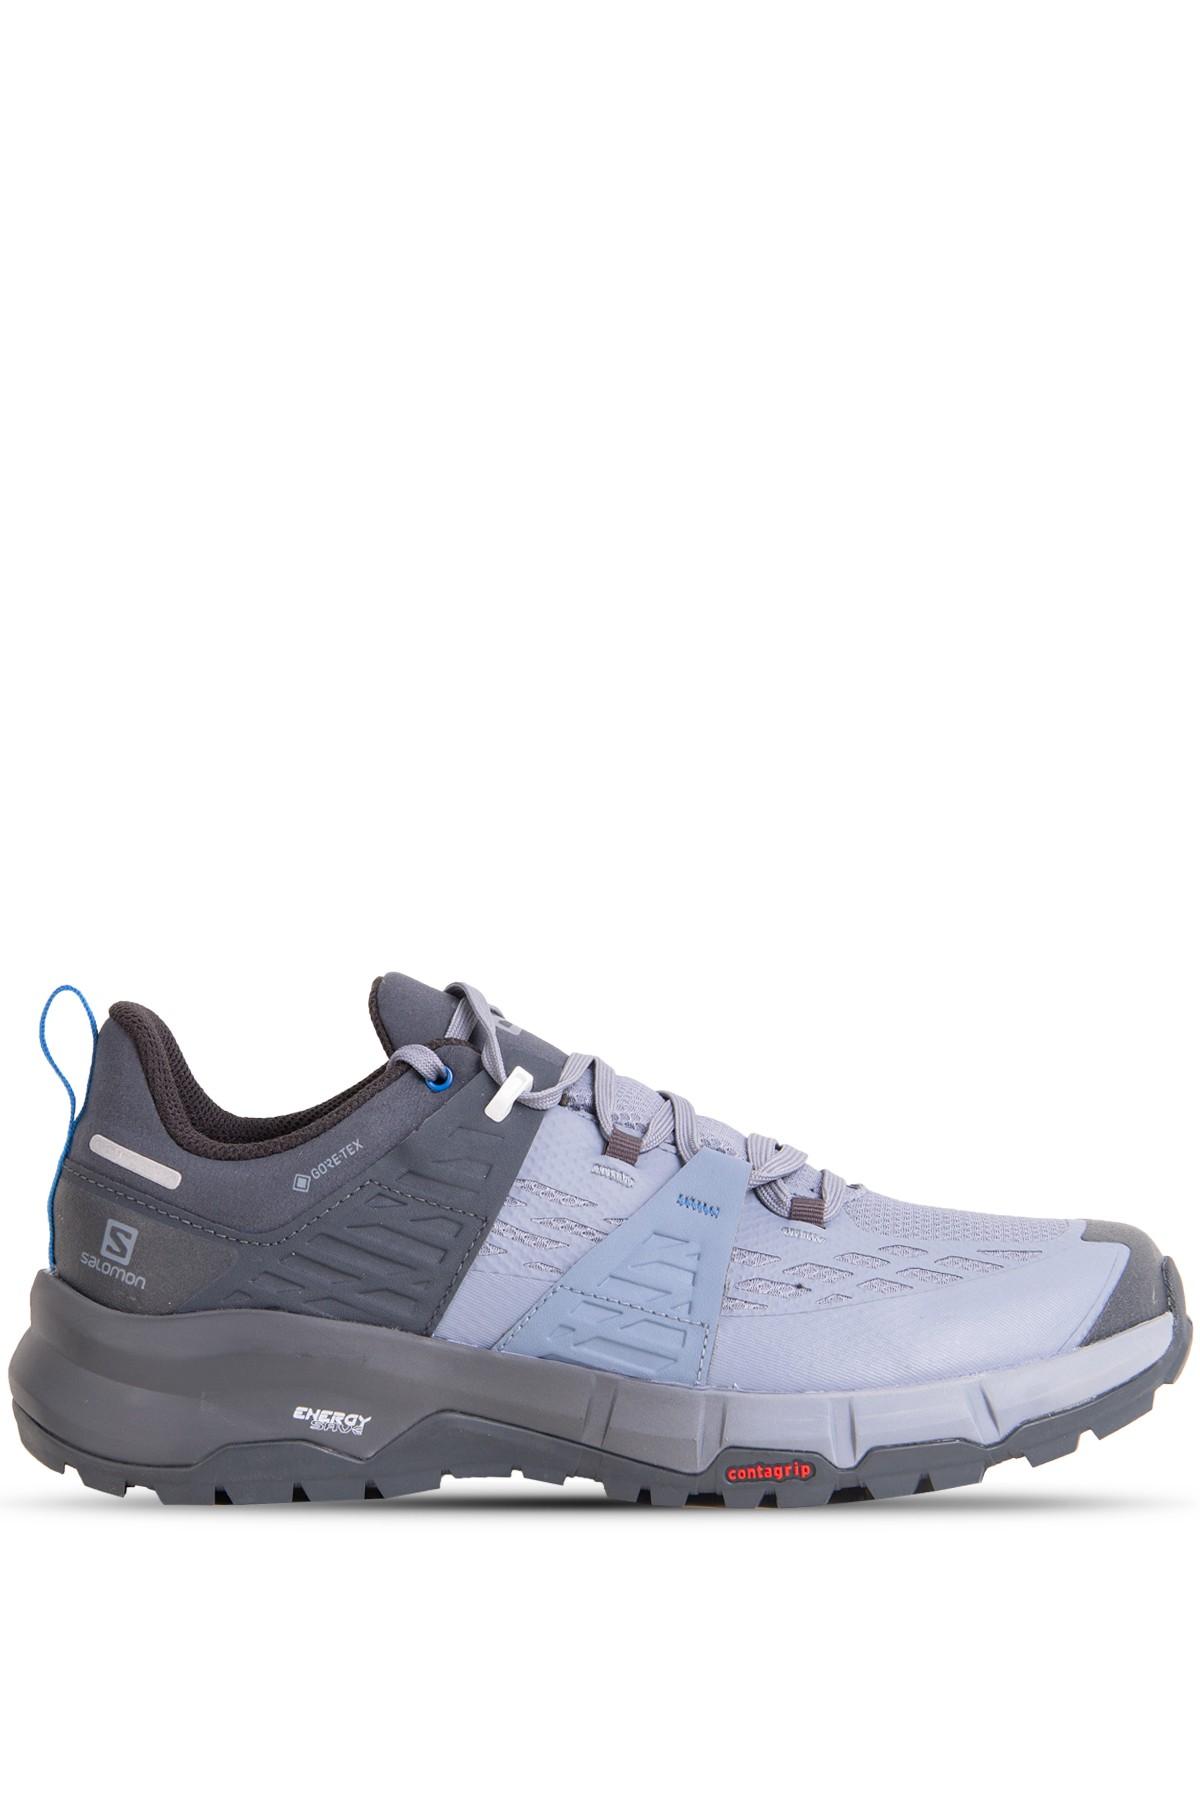 Salomon Erkek Mavi Outdoor Ayakkabı (L41145000)